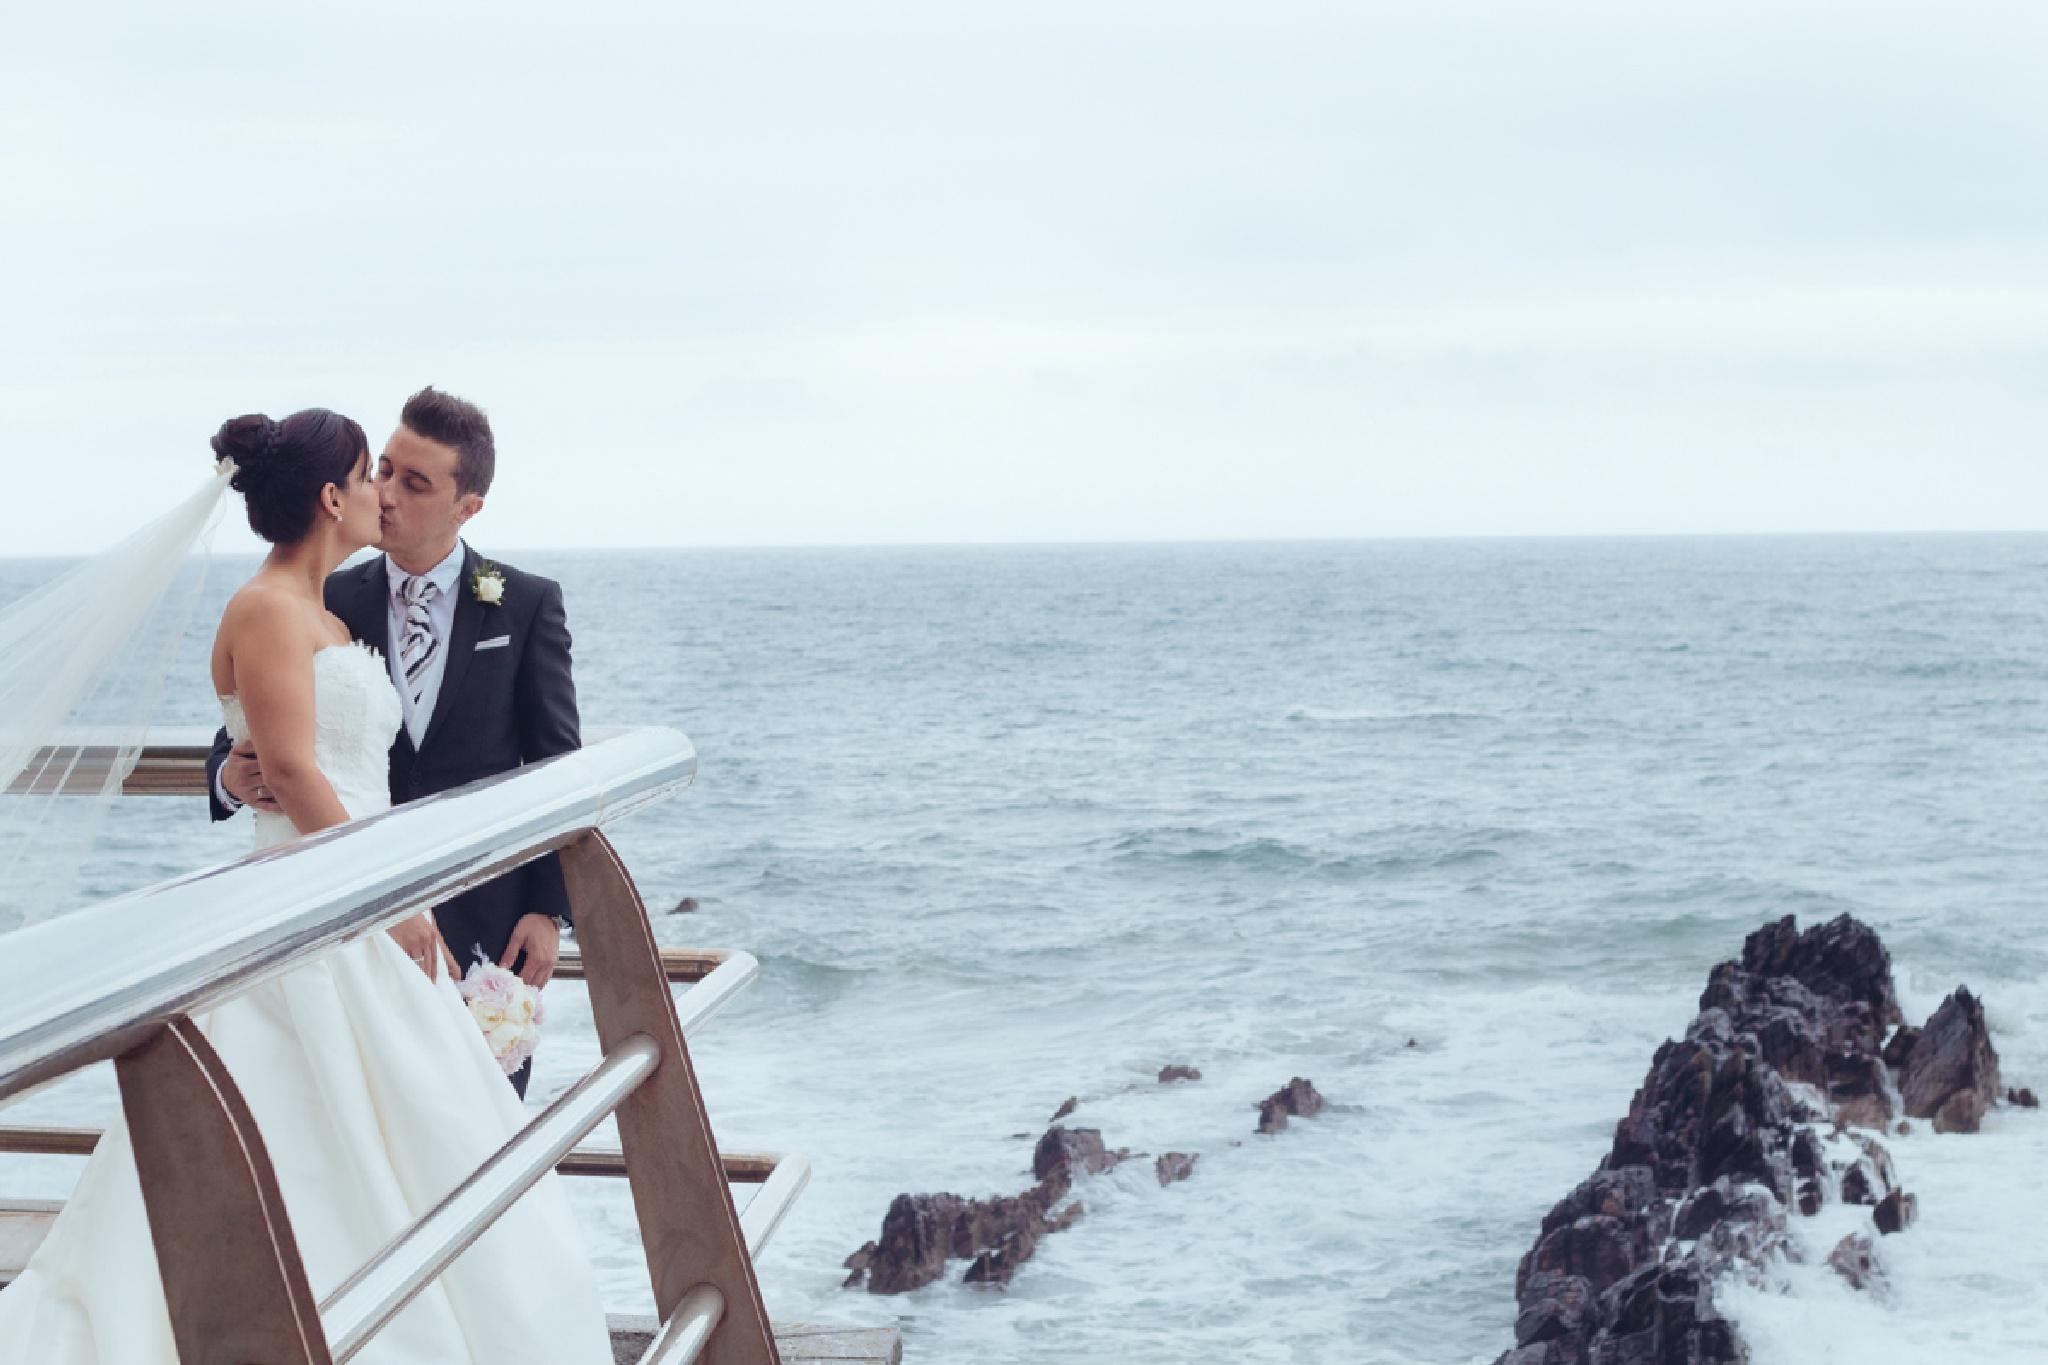 Amor en la costa by johannaariasfoto